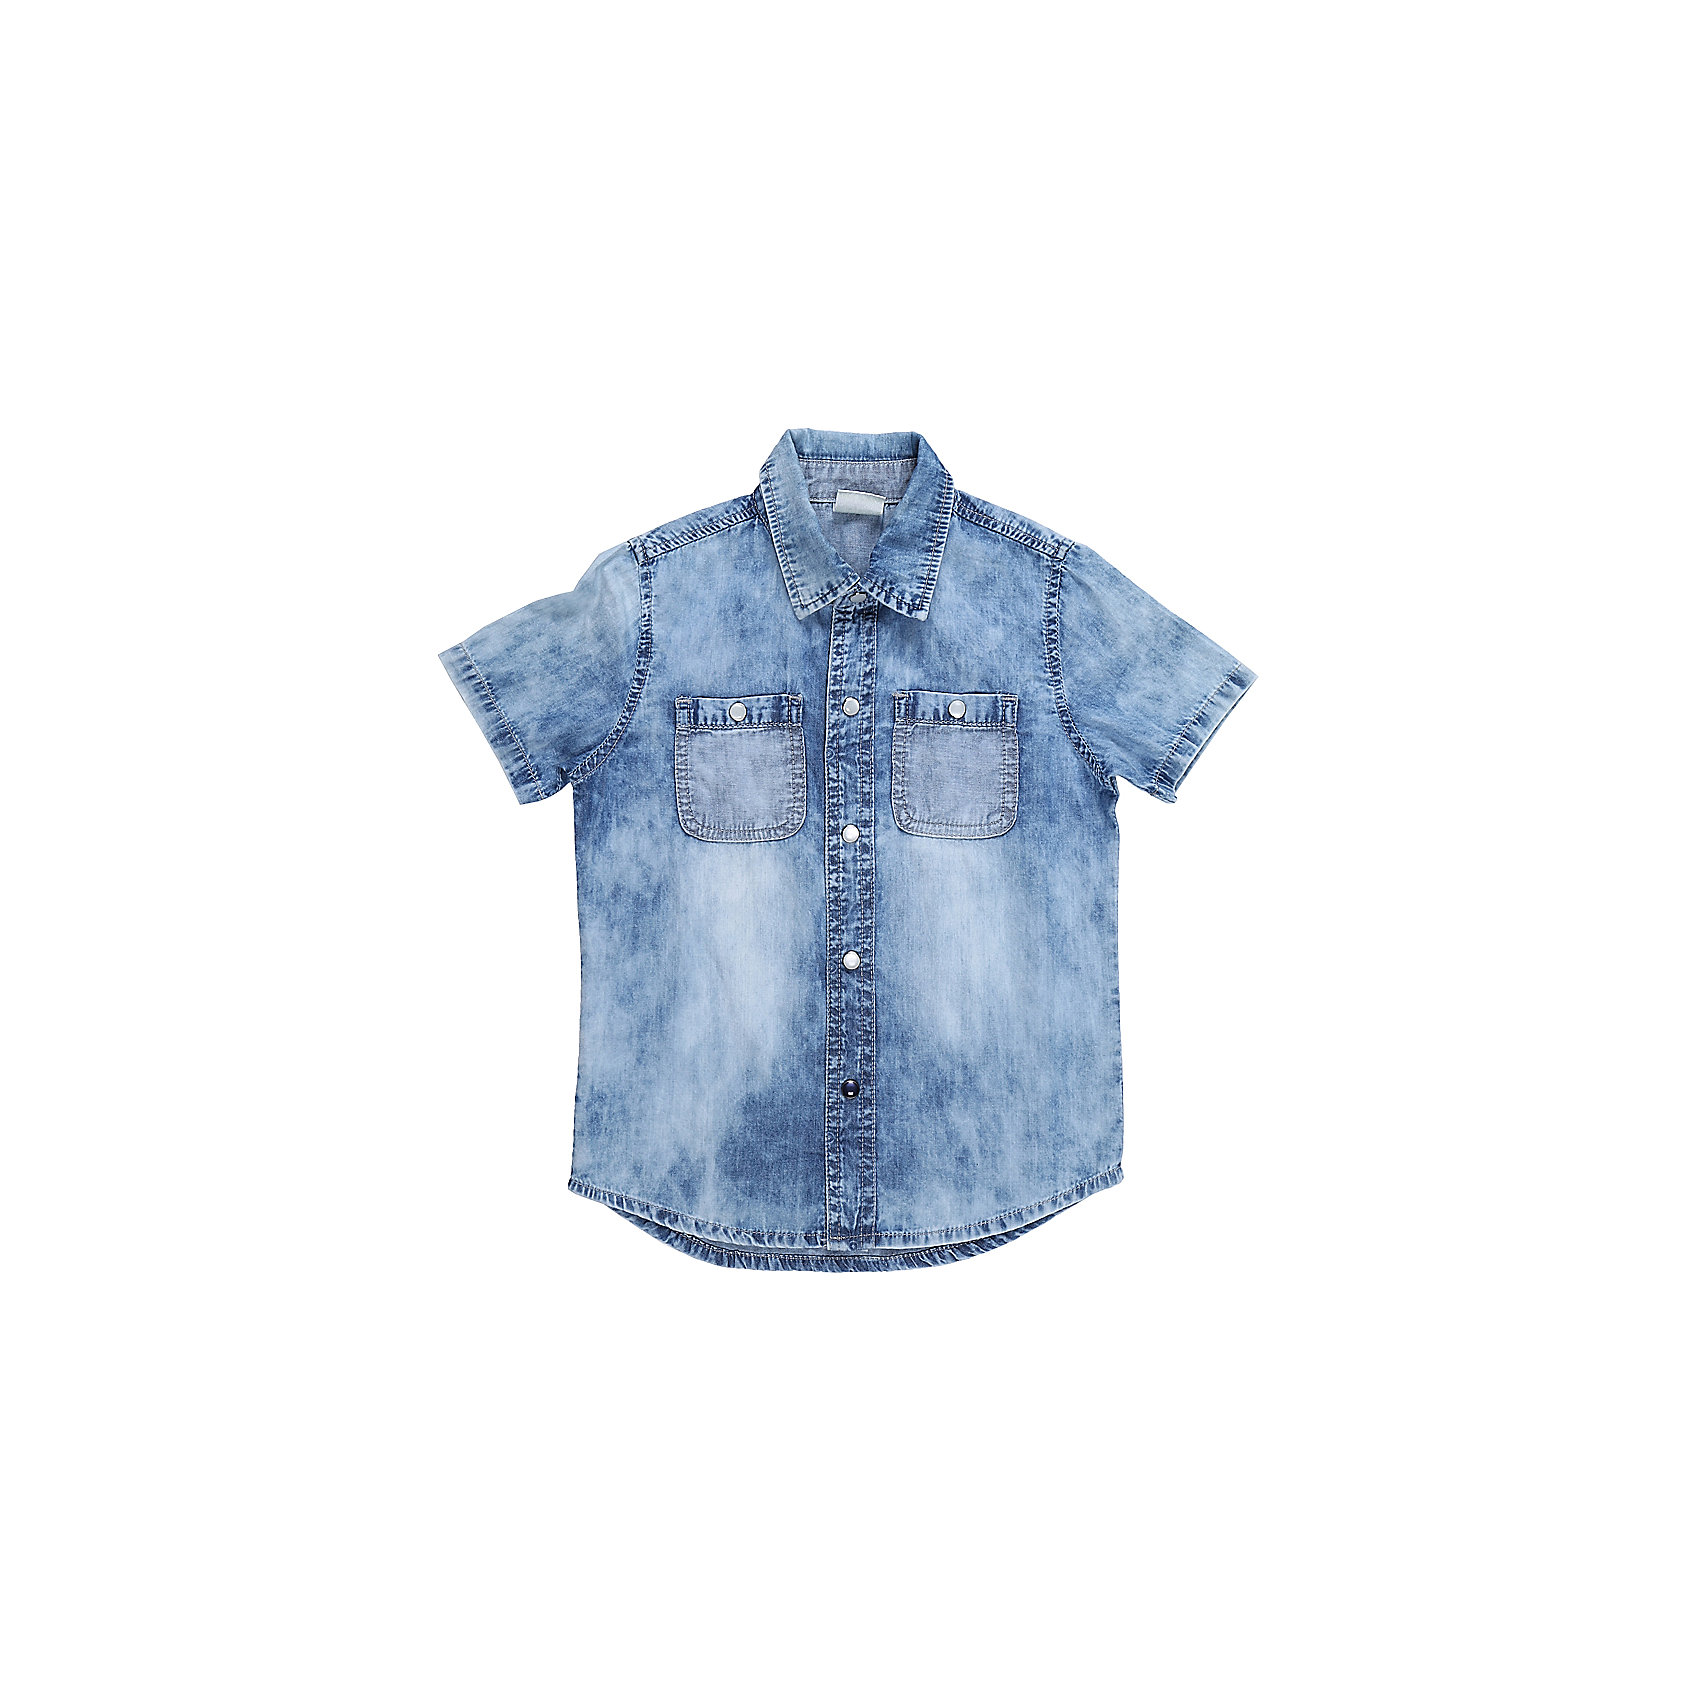 Рубашка джинсовая для мальчика Sweet BerryХлопковая рубашка из тонкой ткани под джинсу. Застежка на кнопках. На полочках два накладных карманы. Спинка декорирована оригинальным принтом. Отложной воротничок.<br>Состав:<br>100%хлопок<br><br>Ширина мм: 174<br>Глубина мм: 10<br>Высота мм: 169<br>Вес г: 157<br>Цвет: голубой<br>Возраст от месяцев: 12<br>Возраст до месяцев: 15<br>Пол: Мужской<br>Возраст: Детский<br>Размер: 80,98,92,86<br>SKU: 5411720